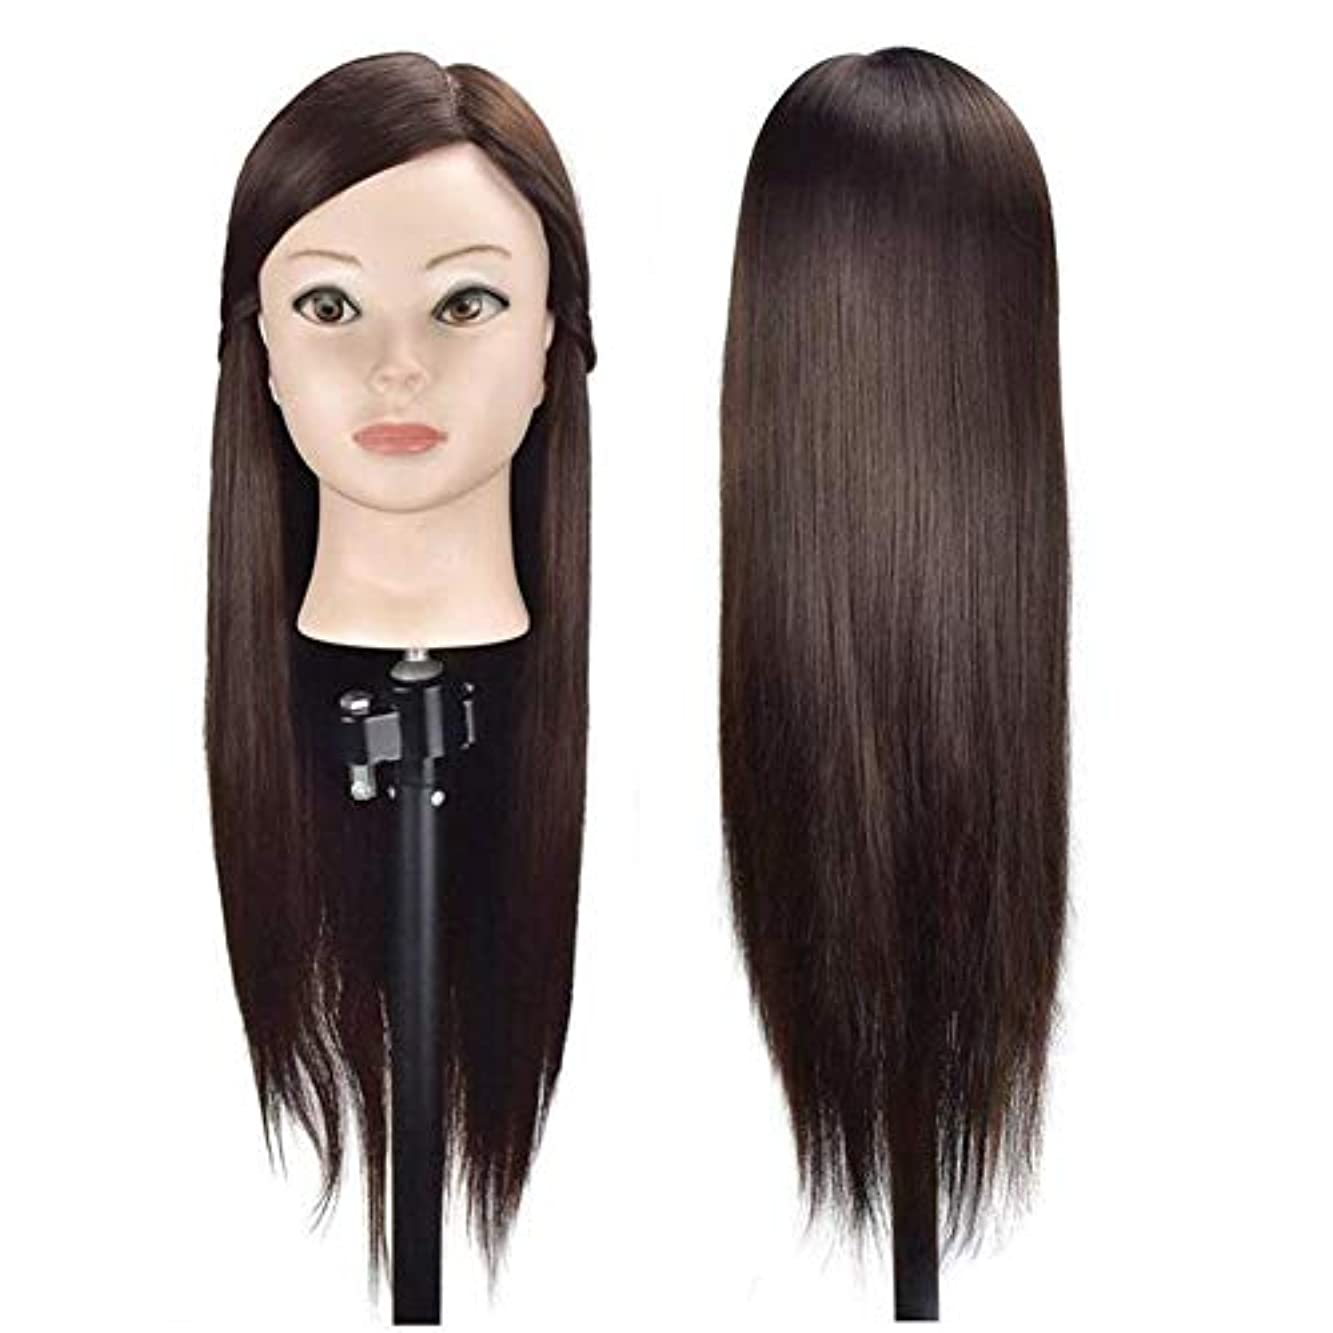 レガシー油裏切り練習用 編み込み練習用 ウィッグマネキンヘッド ヘアアクセサリーセット 美容室サロン 100%合成髪